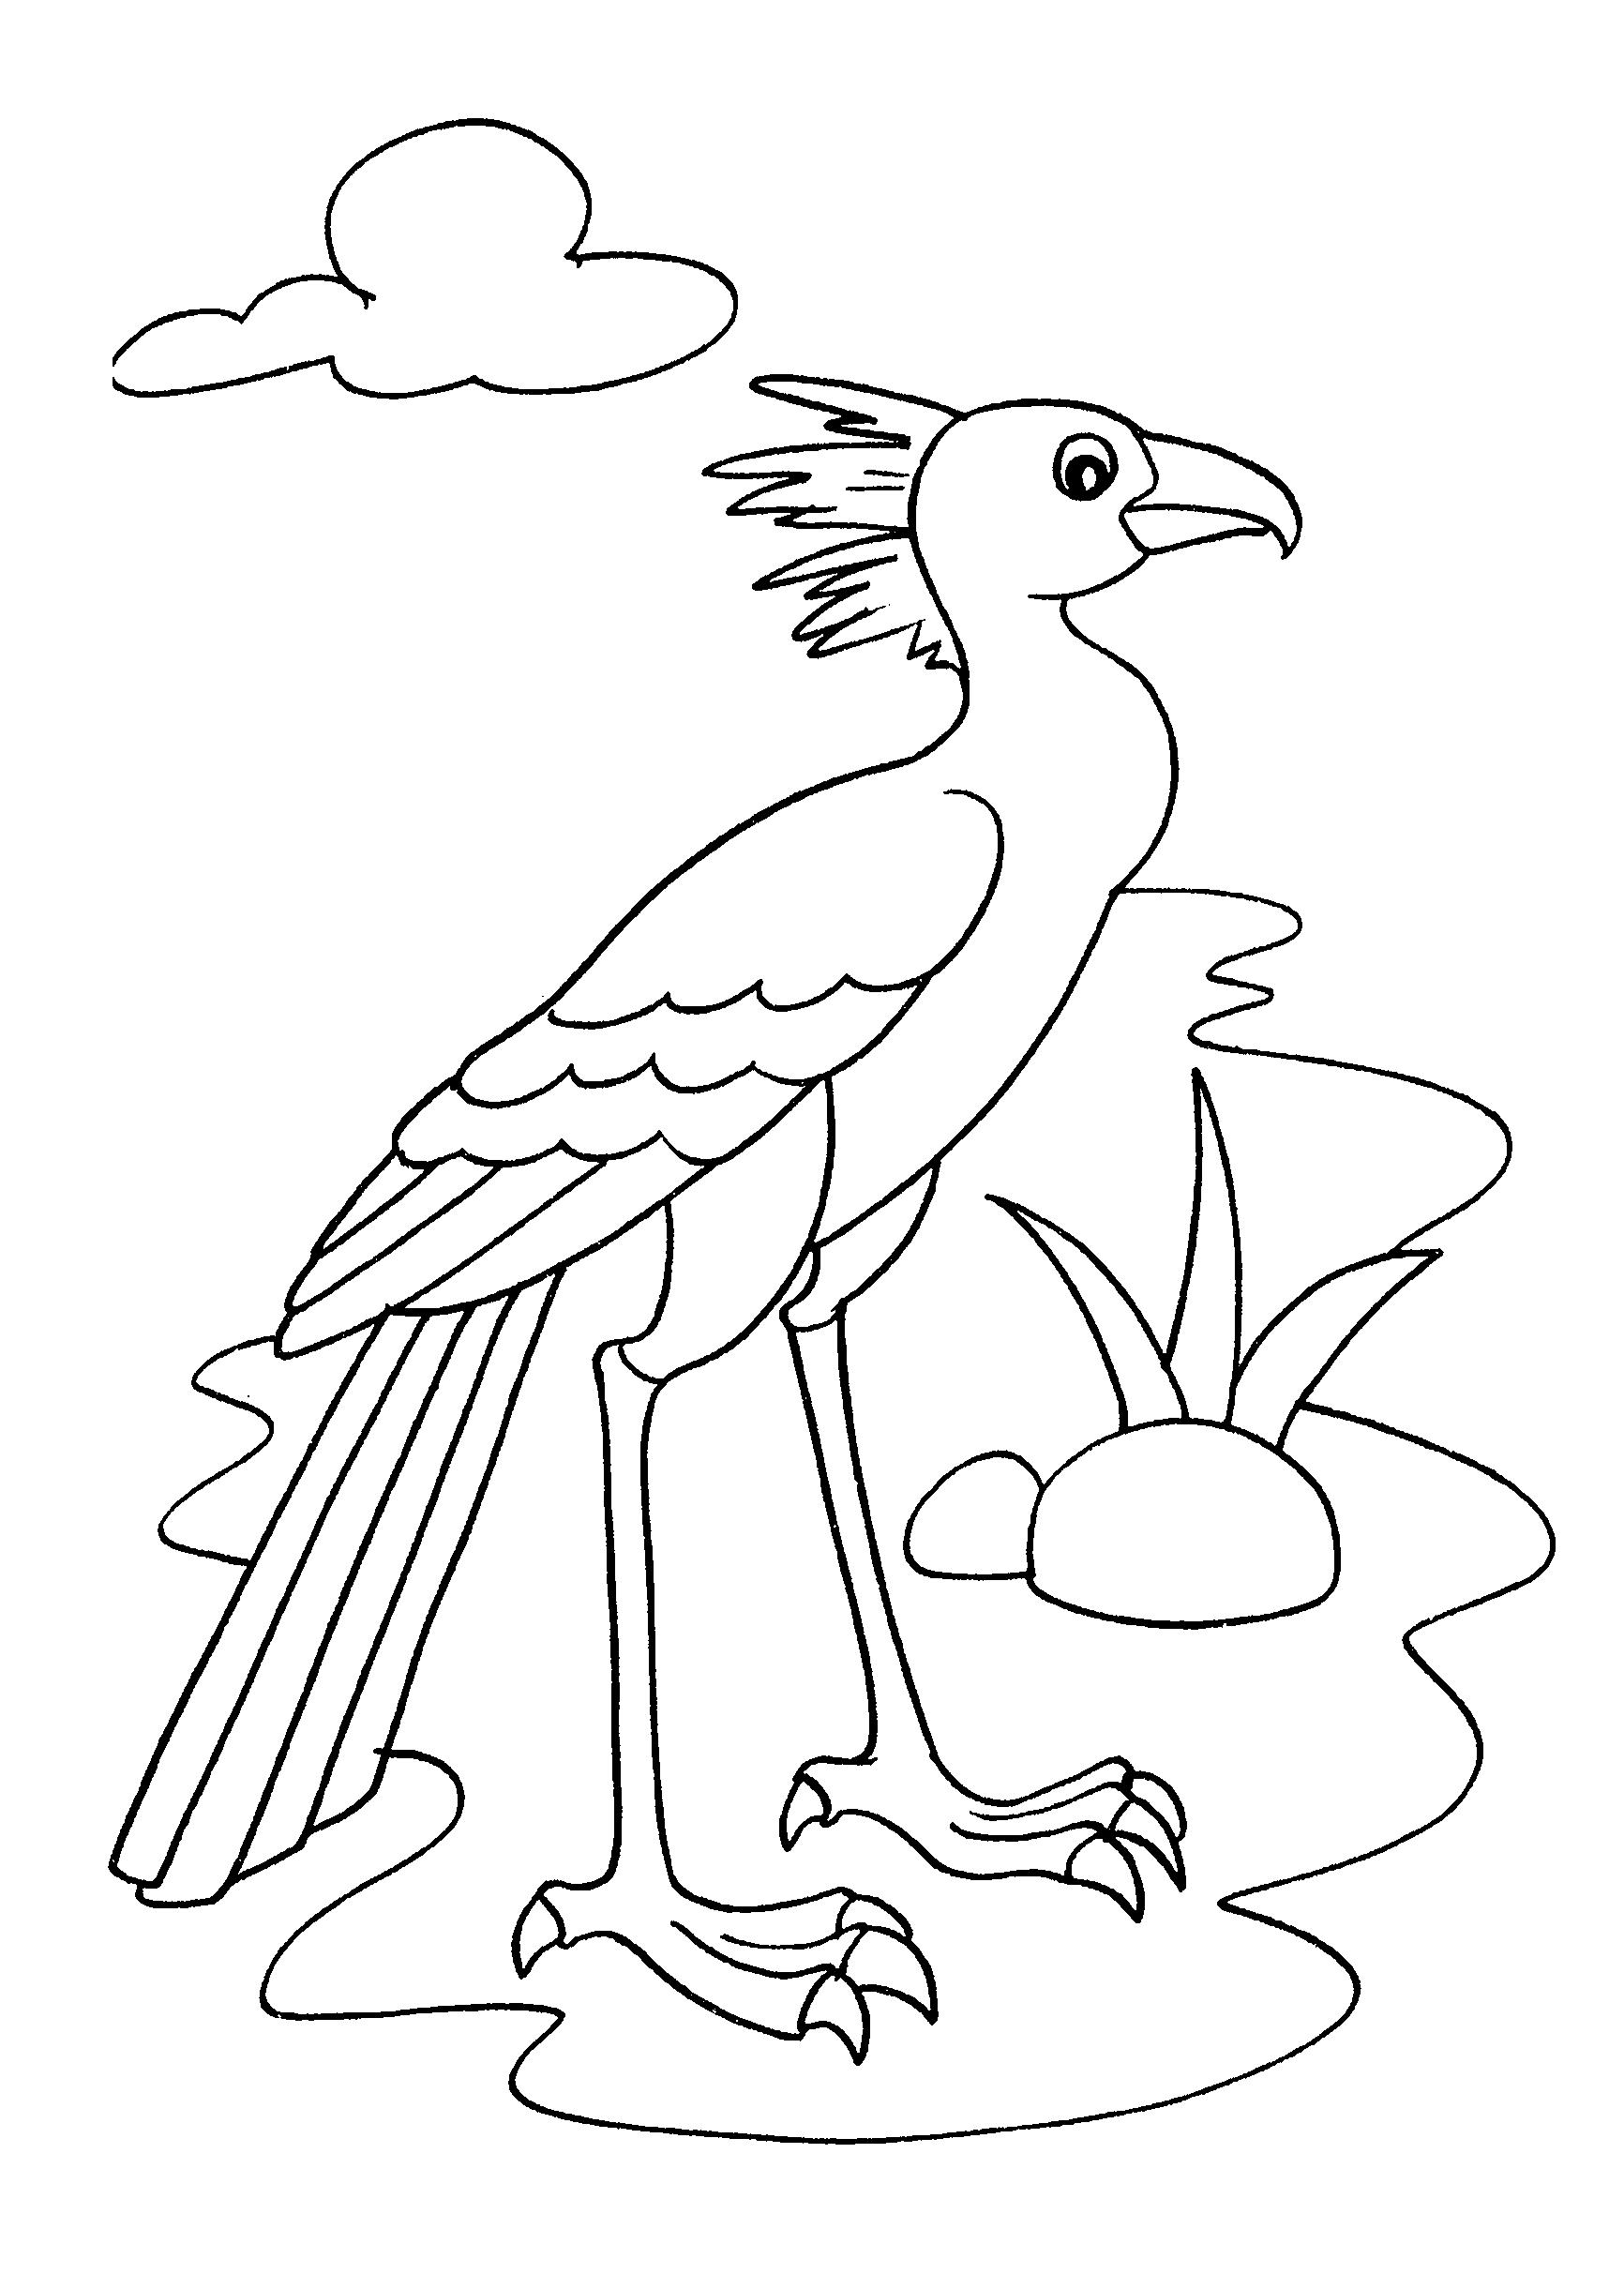 Desenho de ave